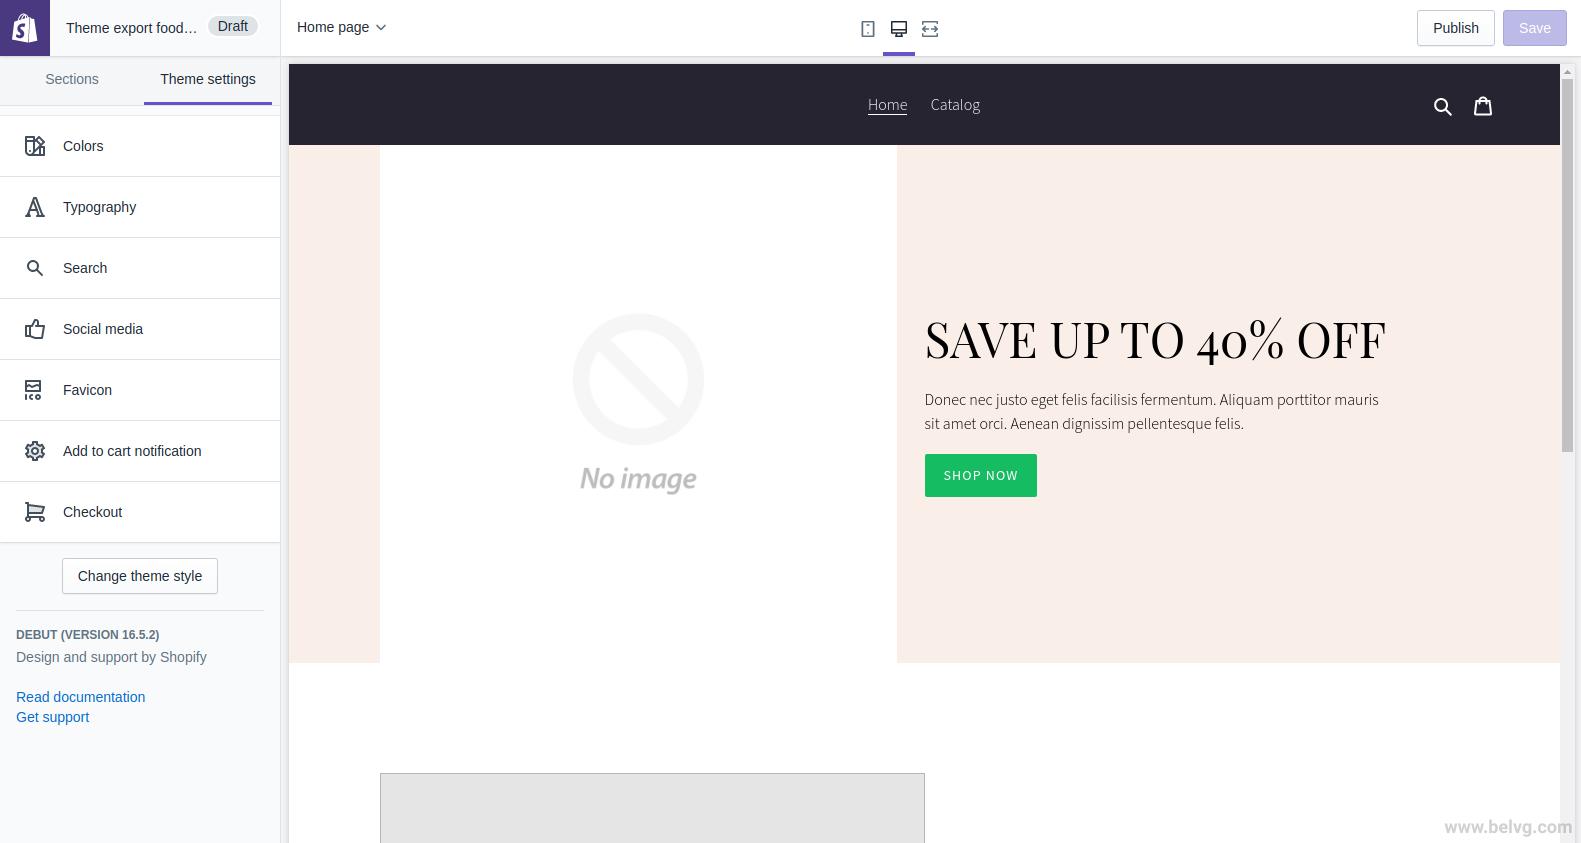 Personalización del tema de Shopify